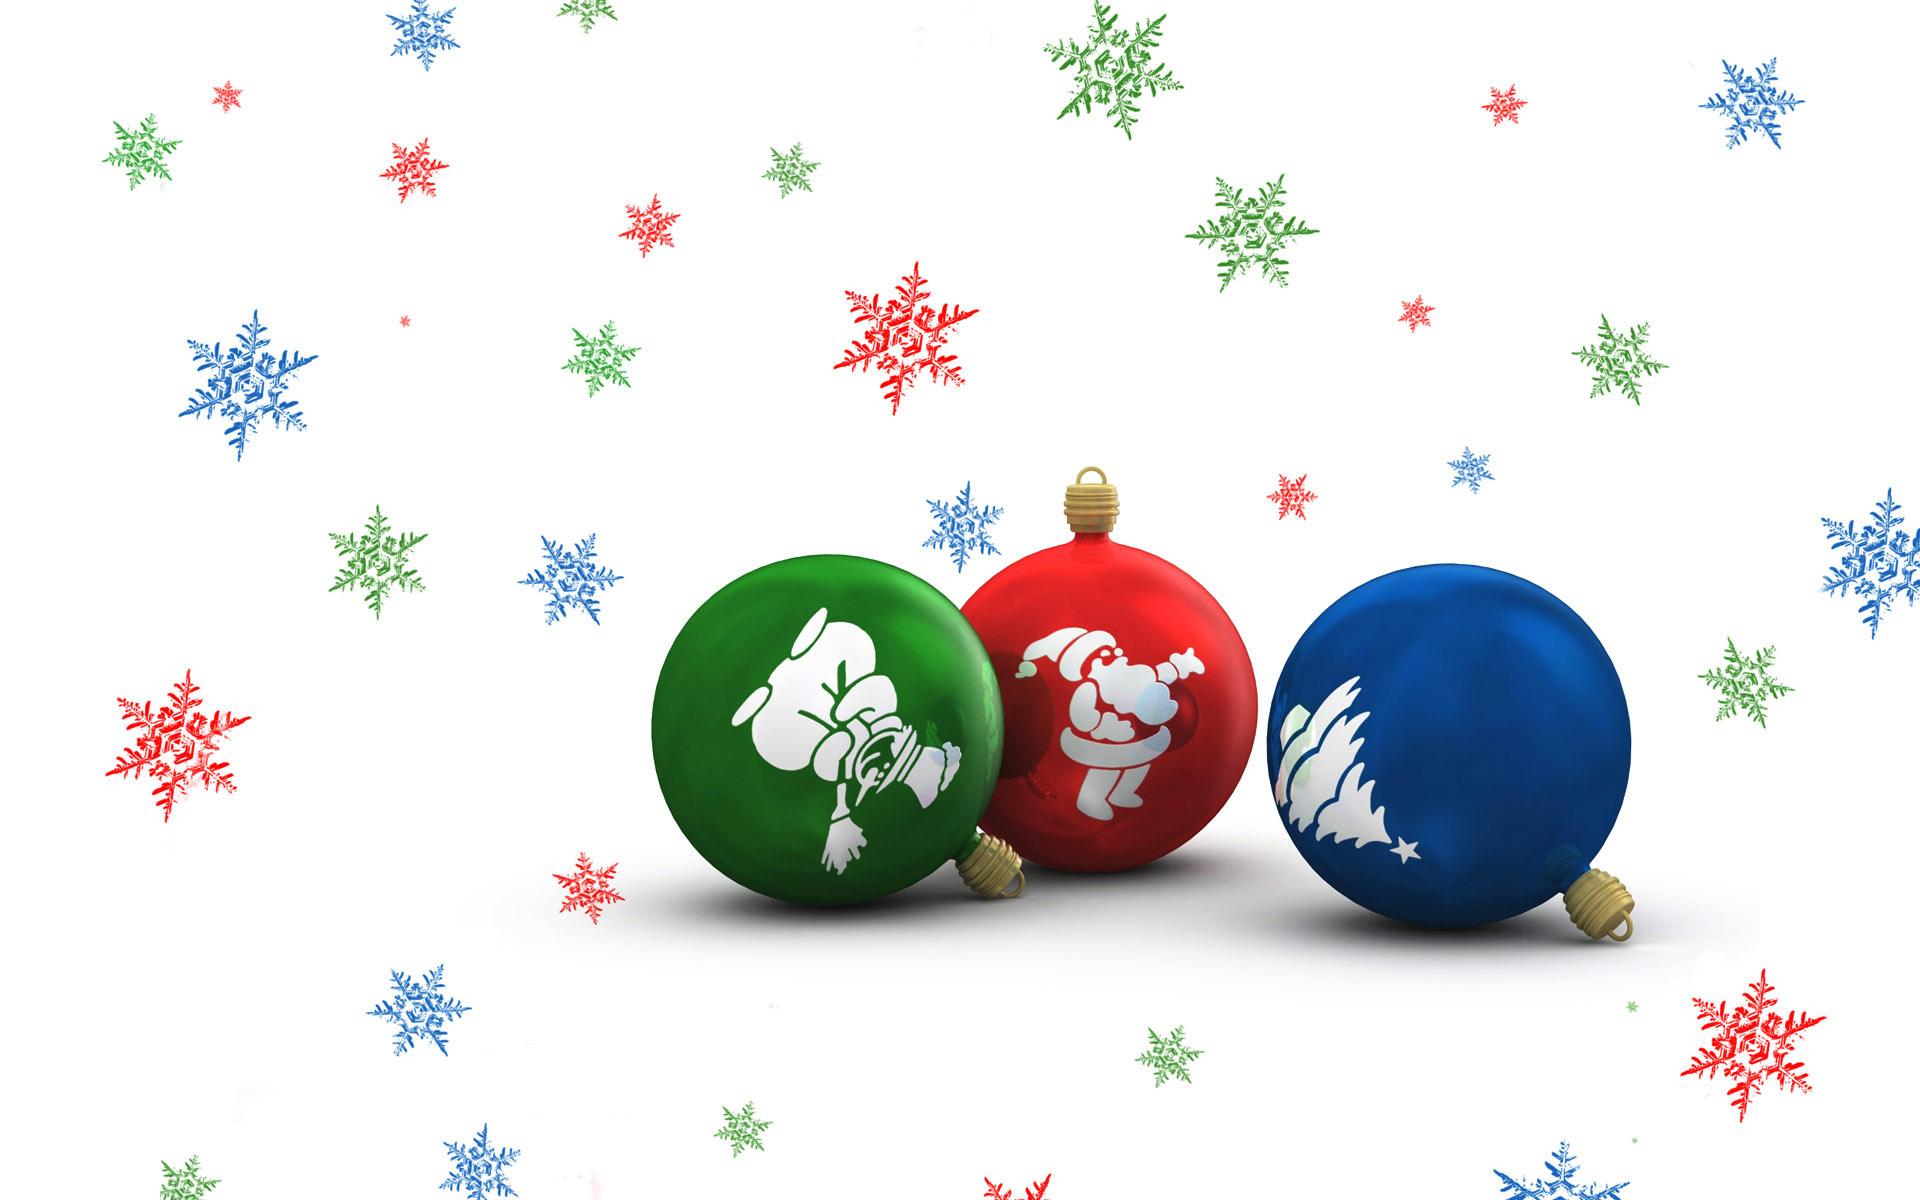 Праздничные шарики - C Новым годом  2018 поздравительные картинки